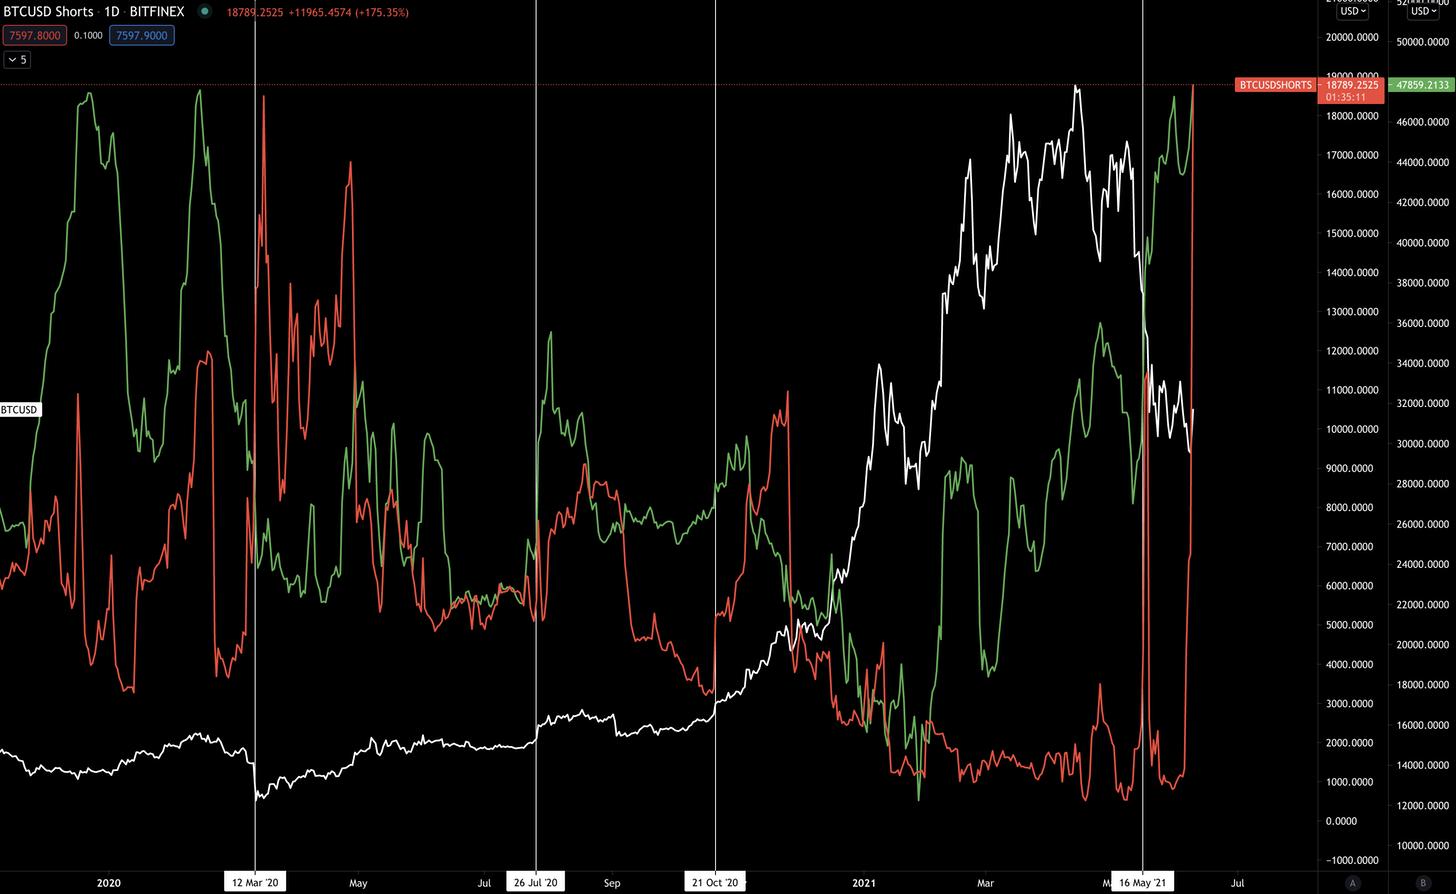 Le linee bianche verticali indicano grandi cambiamenti nell'interesse per gli short